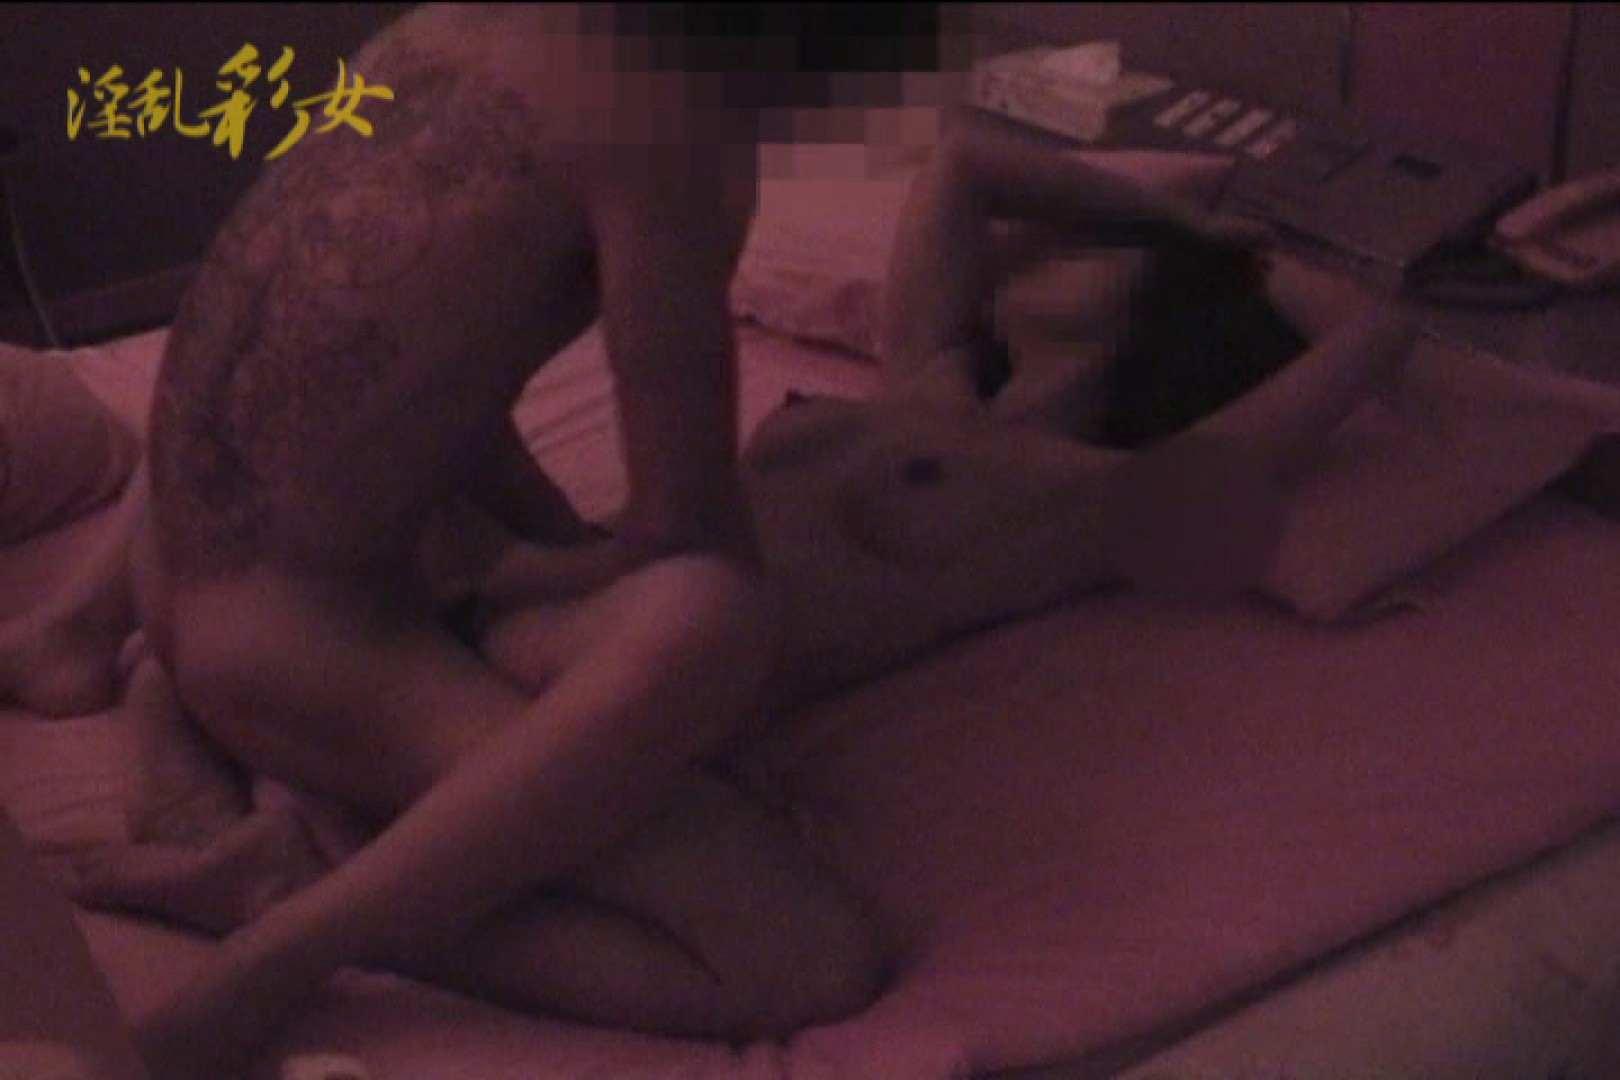 淫乱彩女 麻優里 旦那の前で王様ゲーム 淫乱 | ホテル隠し撮り  85pic 25